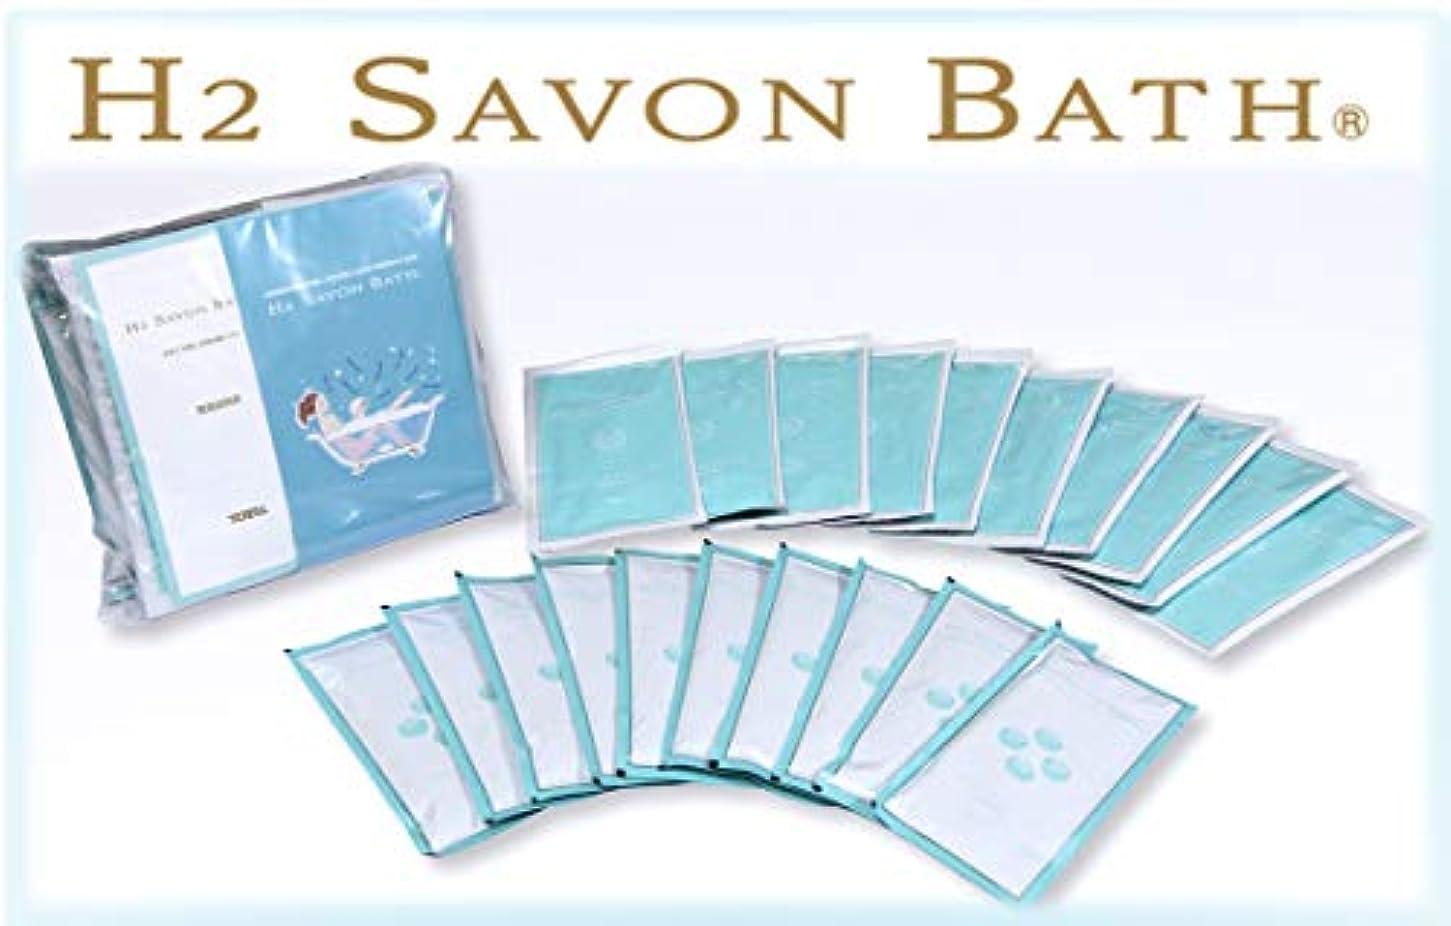 偏心溢れんばかりの独立したH2 SAVON BATH(水素シャボンバス) 【1回分350円 徳用10回分入?専用ケース無し】